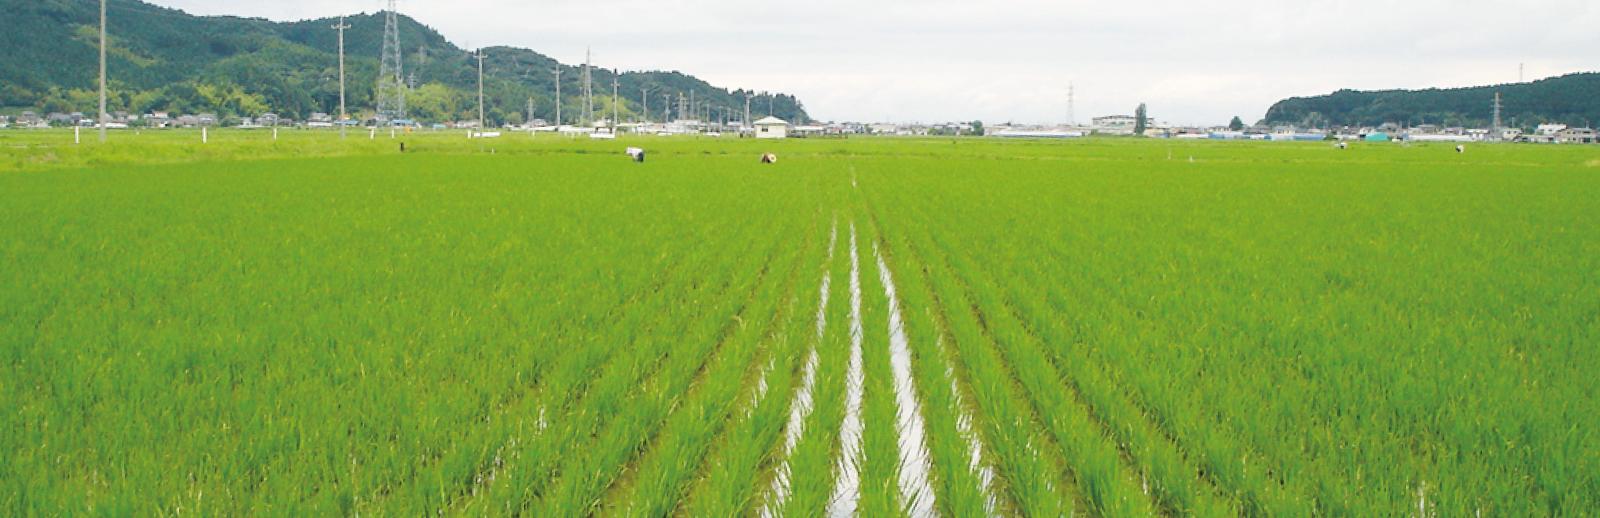 無肥料自然栽培米とは?